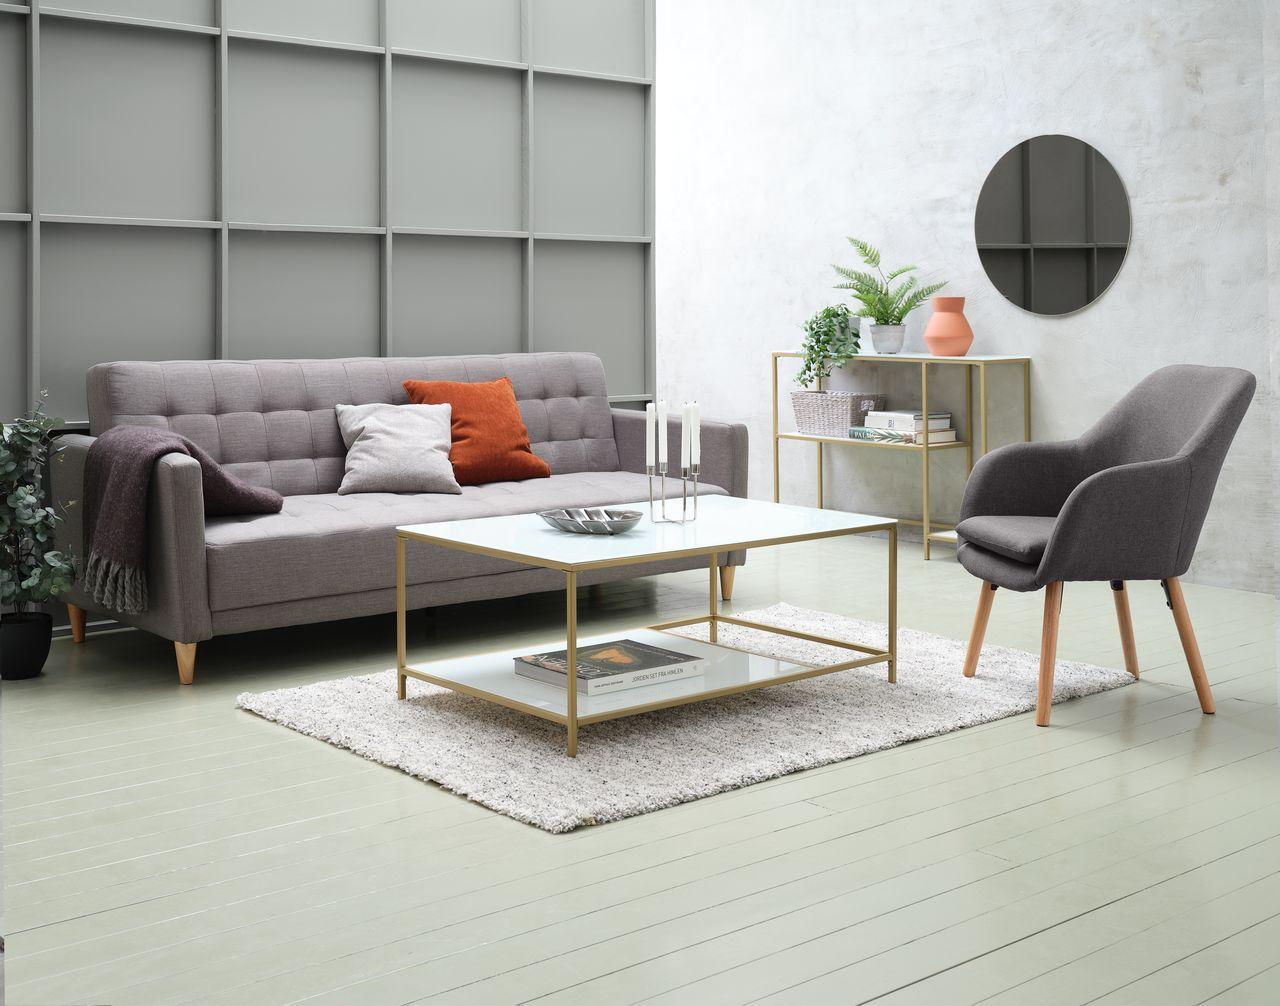 Sofa giường SAGUNTO vải polyester, xám nhạt, chân gỗ tự nhiên